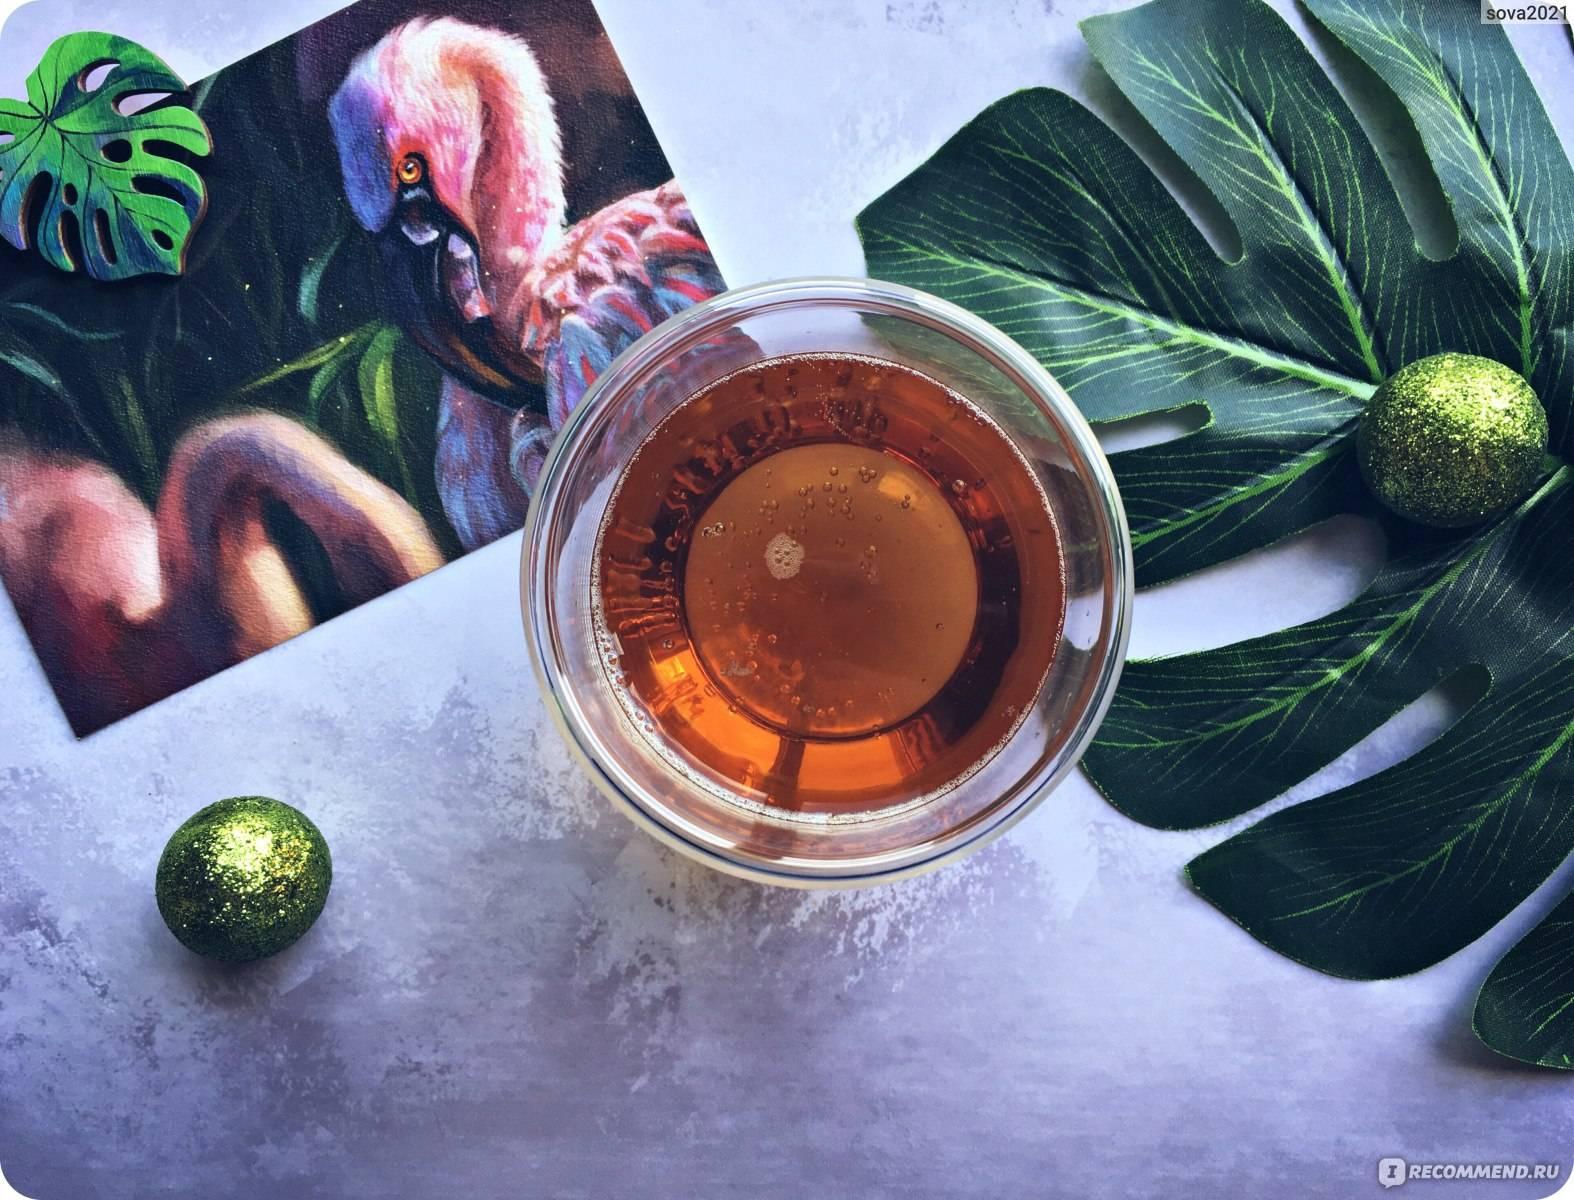 Апельсиновый кофе – бодрое начало дня с освежающими нотками